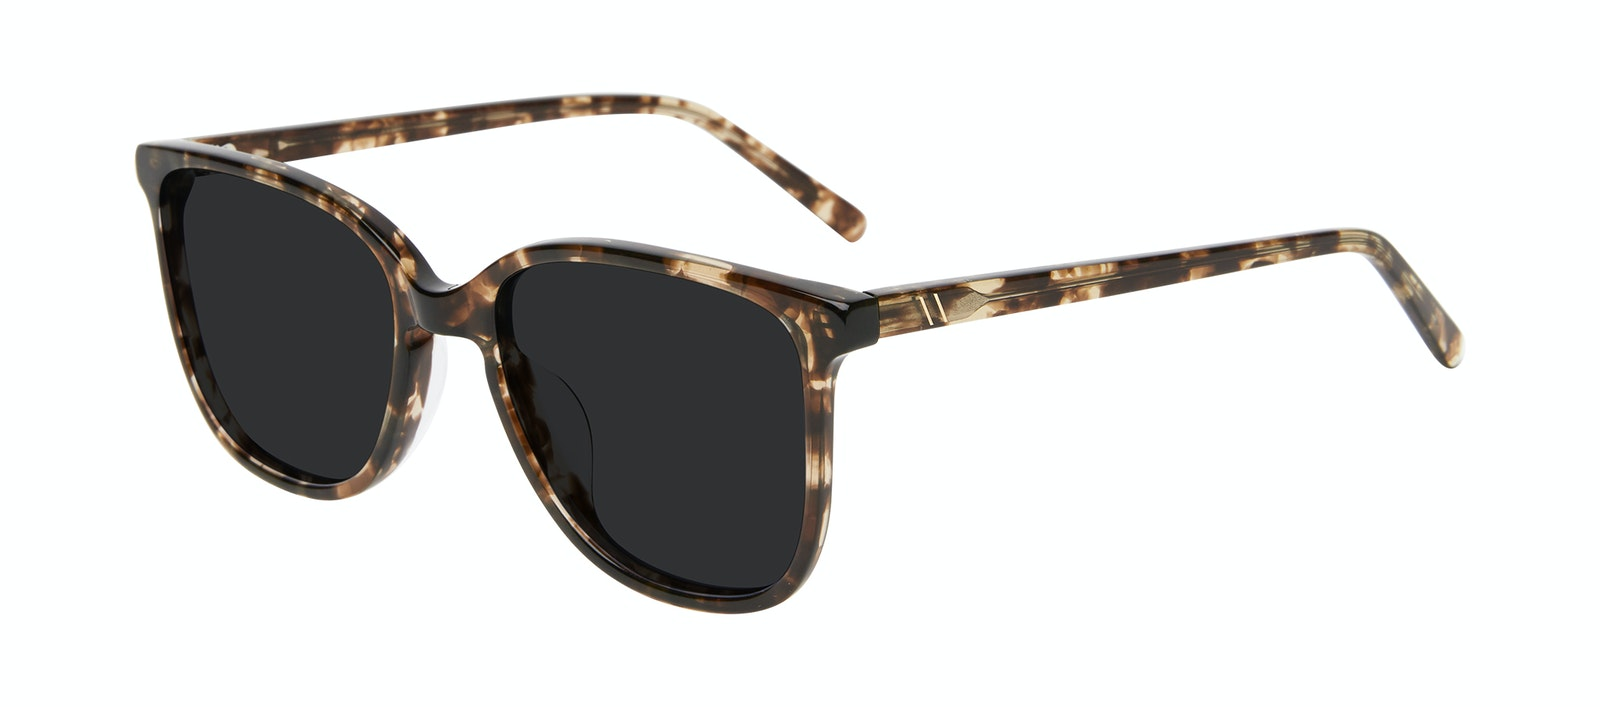 Lunettes tendance Carrée Lunettes de soleil Femmes Lead Leopard Incliné